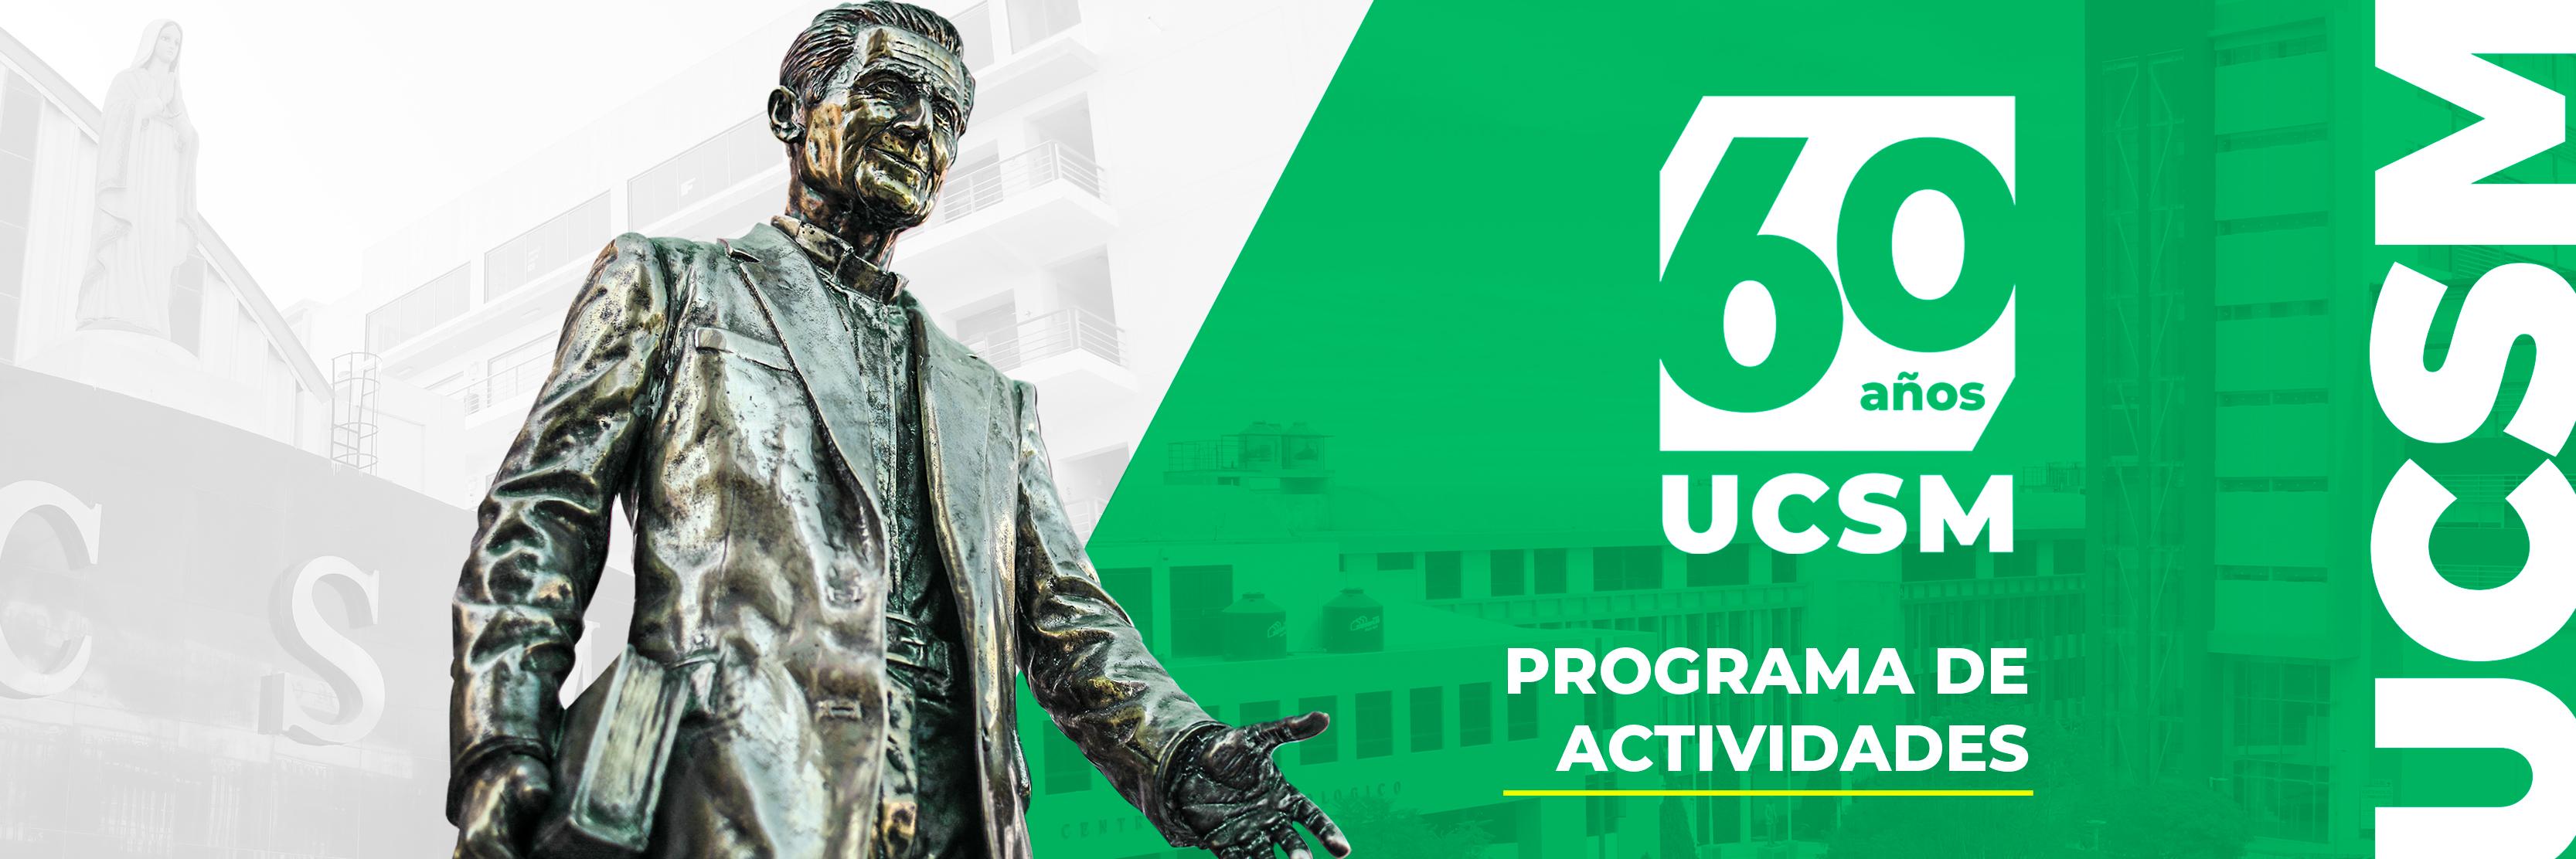 programa-de-actividades-60-anos